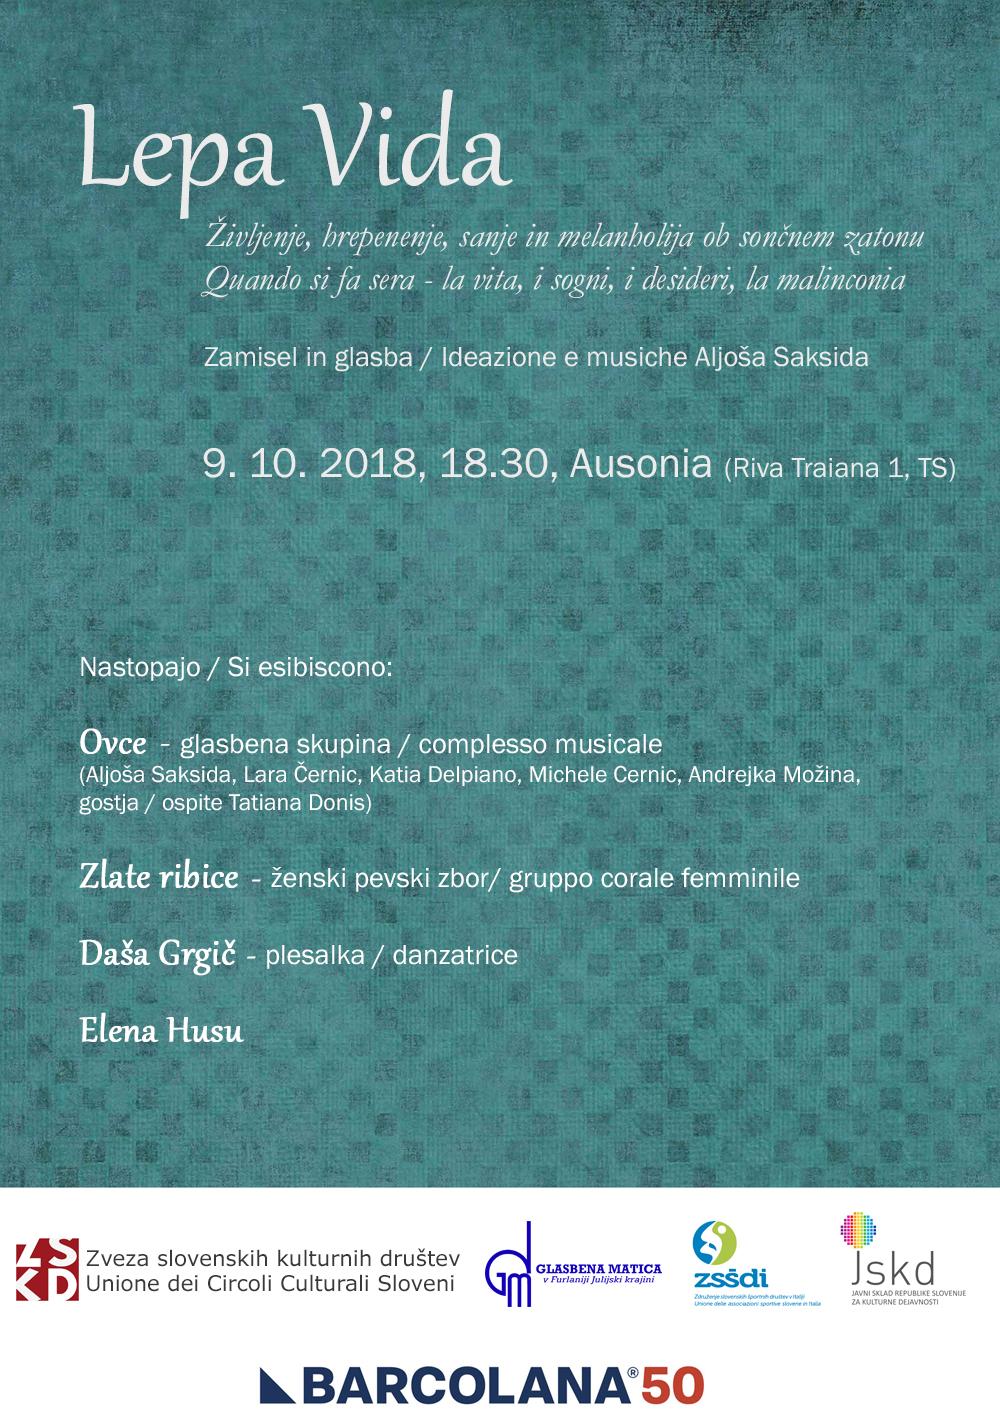 09.10.2018 OB 18.30 SLOVENSKI POZDRAV BARKOLJANKI